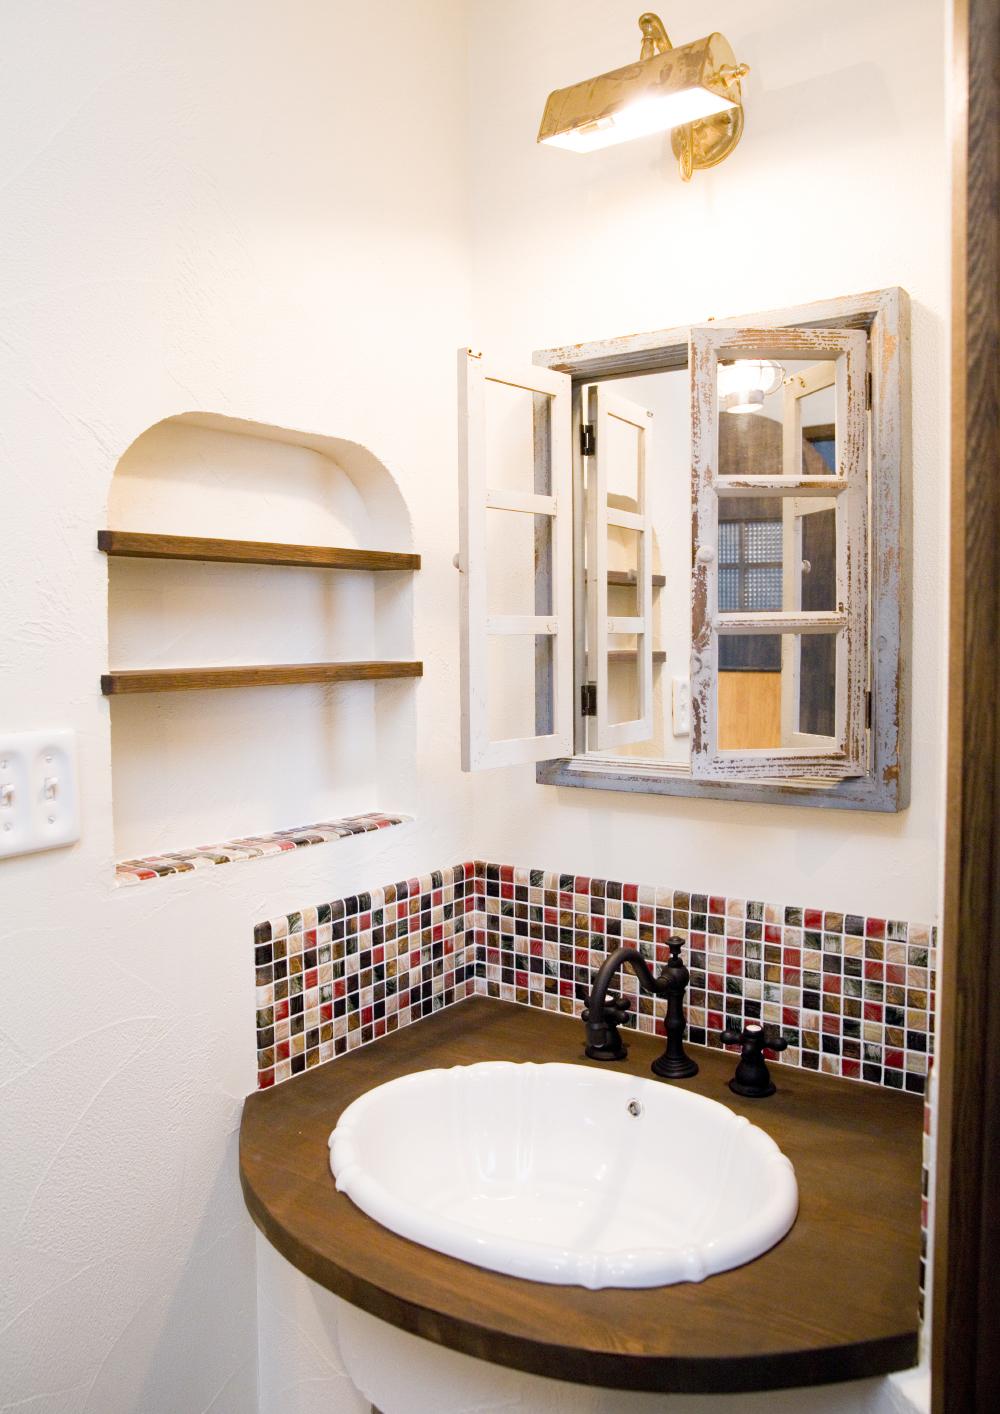 洗面所のタイルと木製建具がかわいい